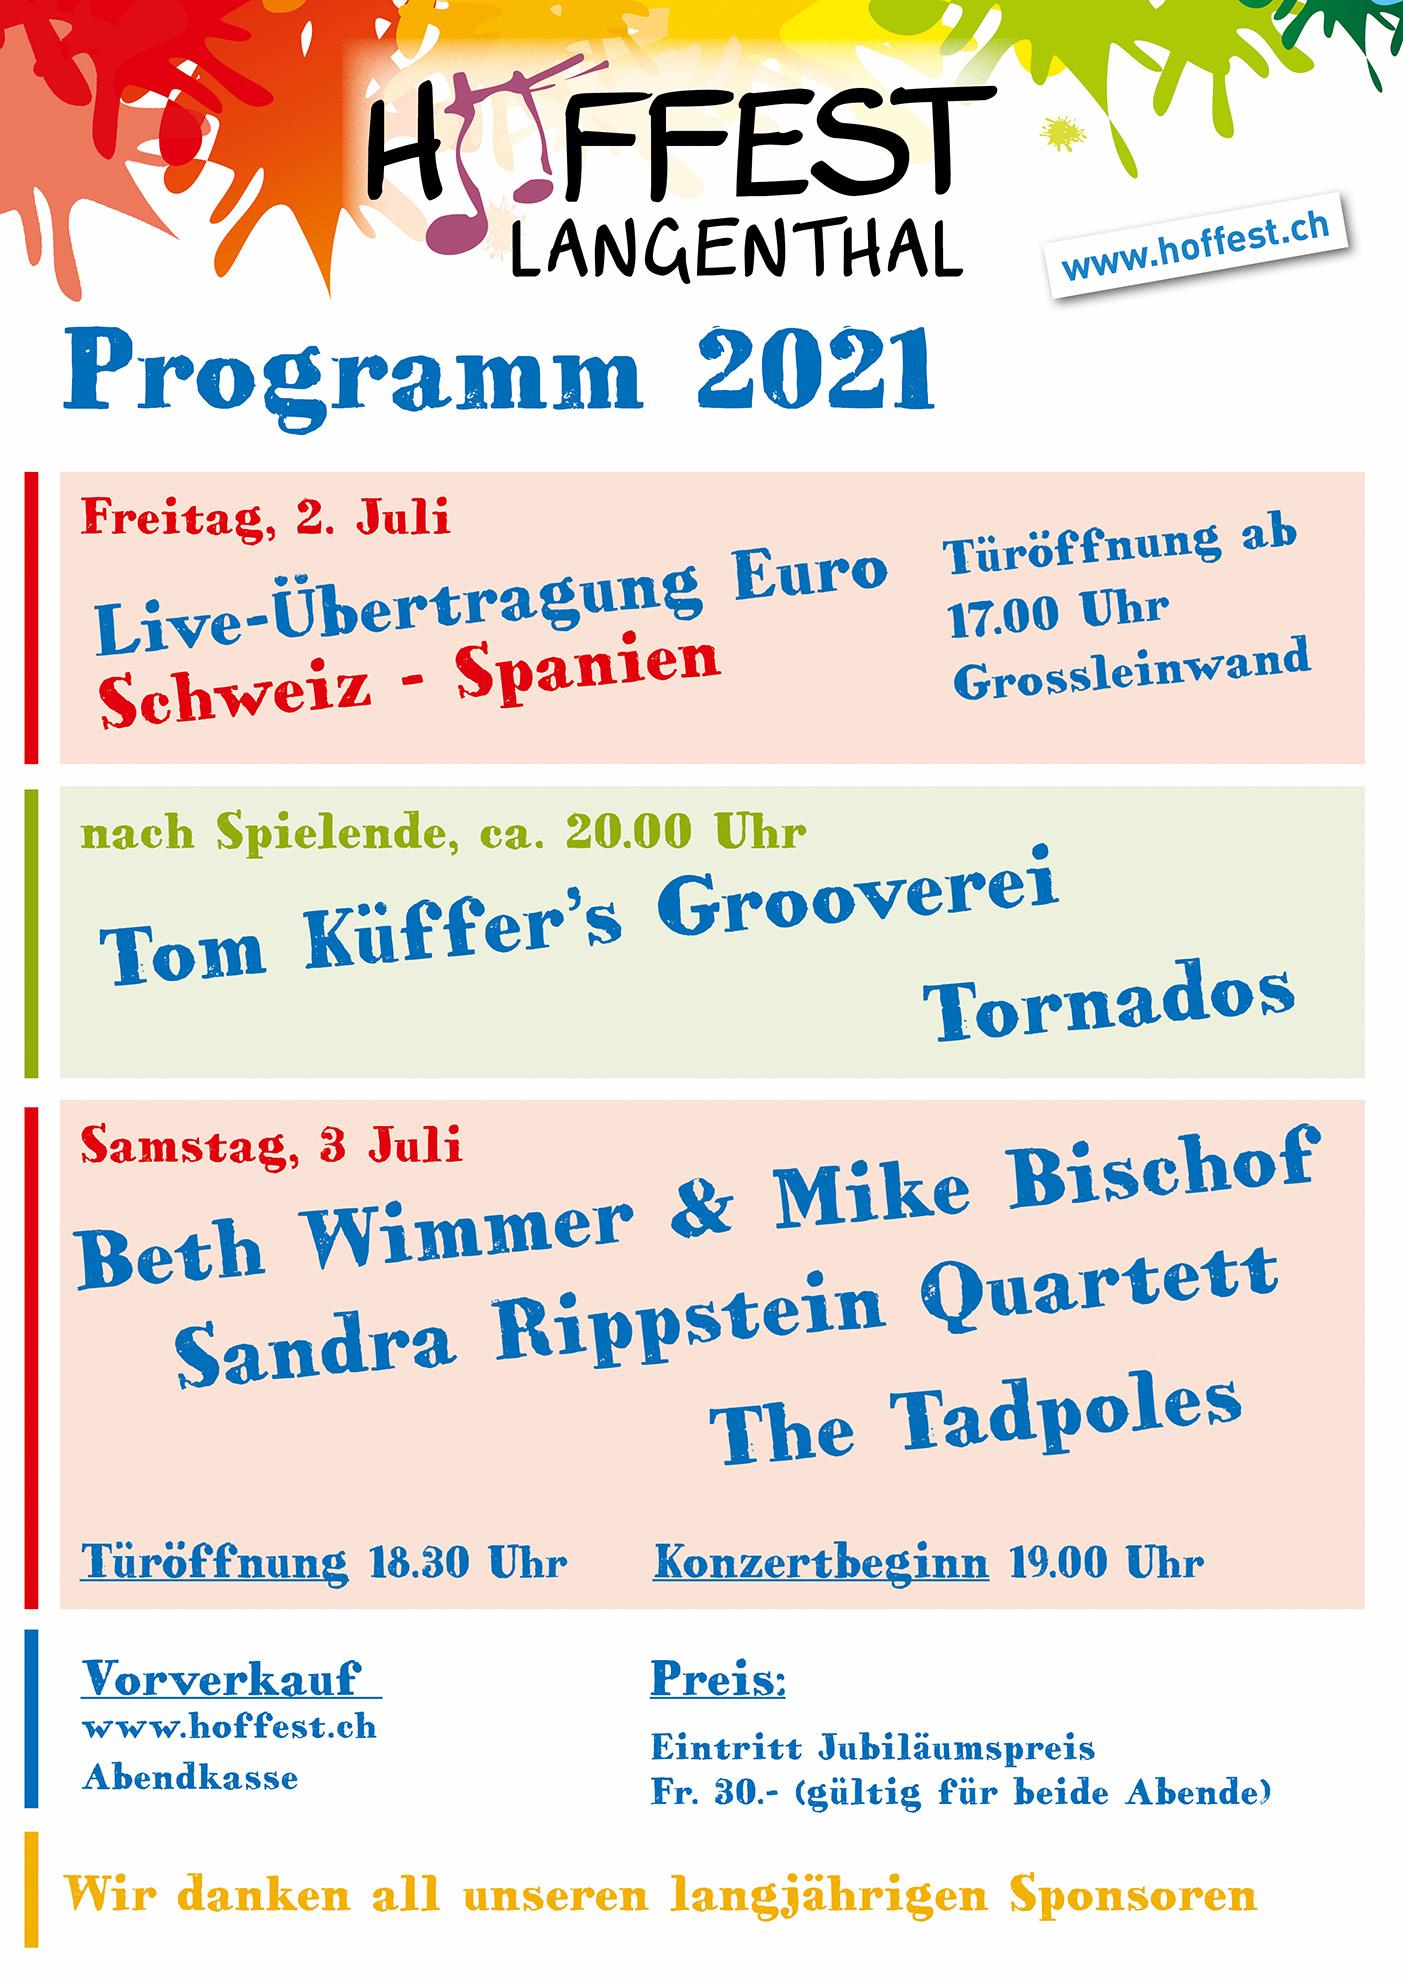 Hoffest_Plakat_A3_Programm_2021